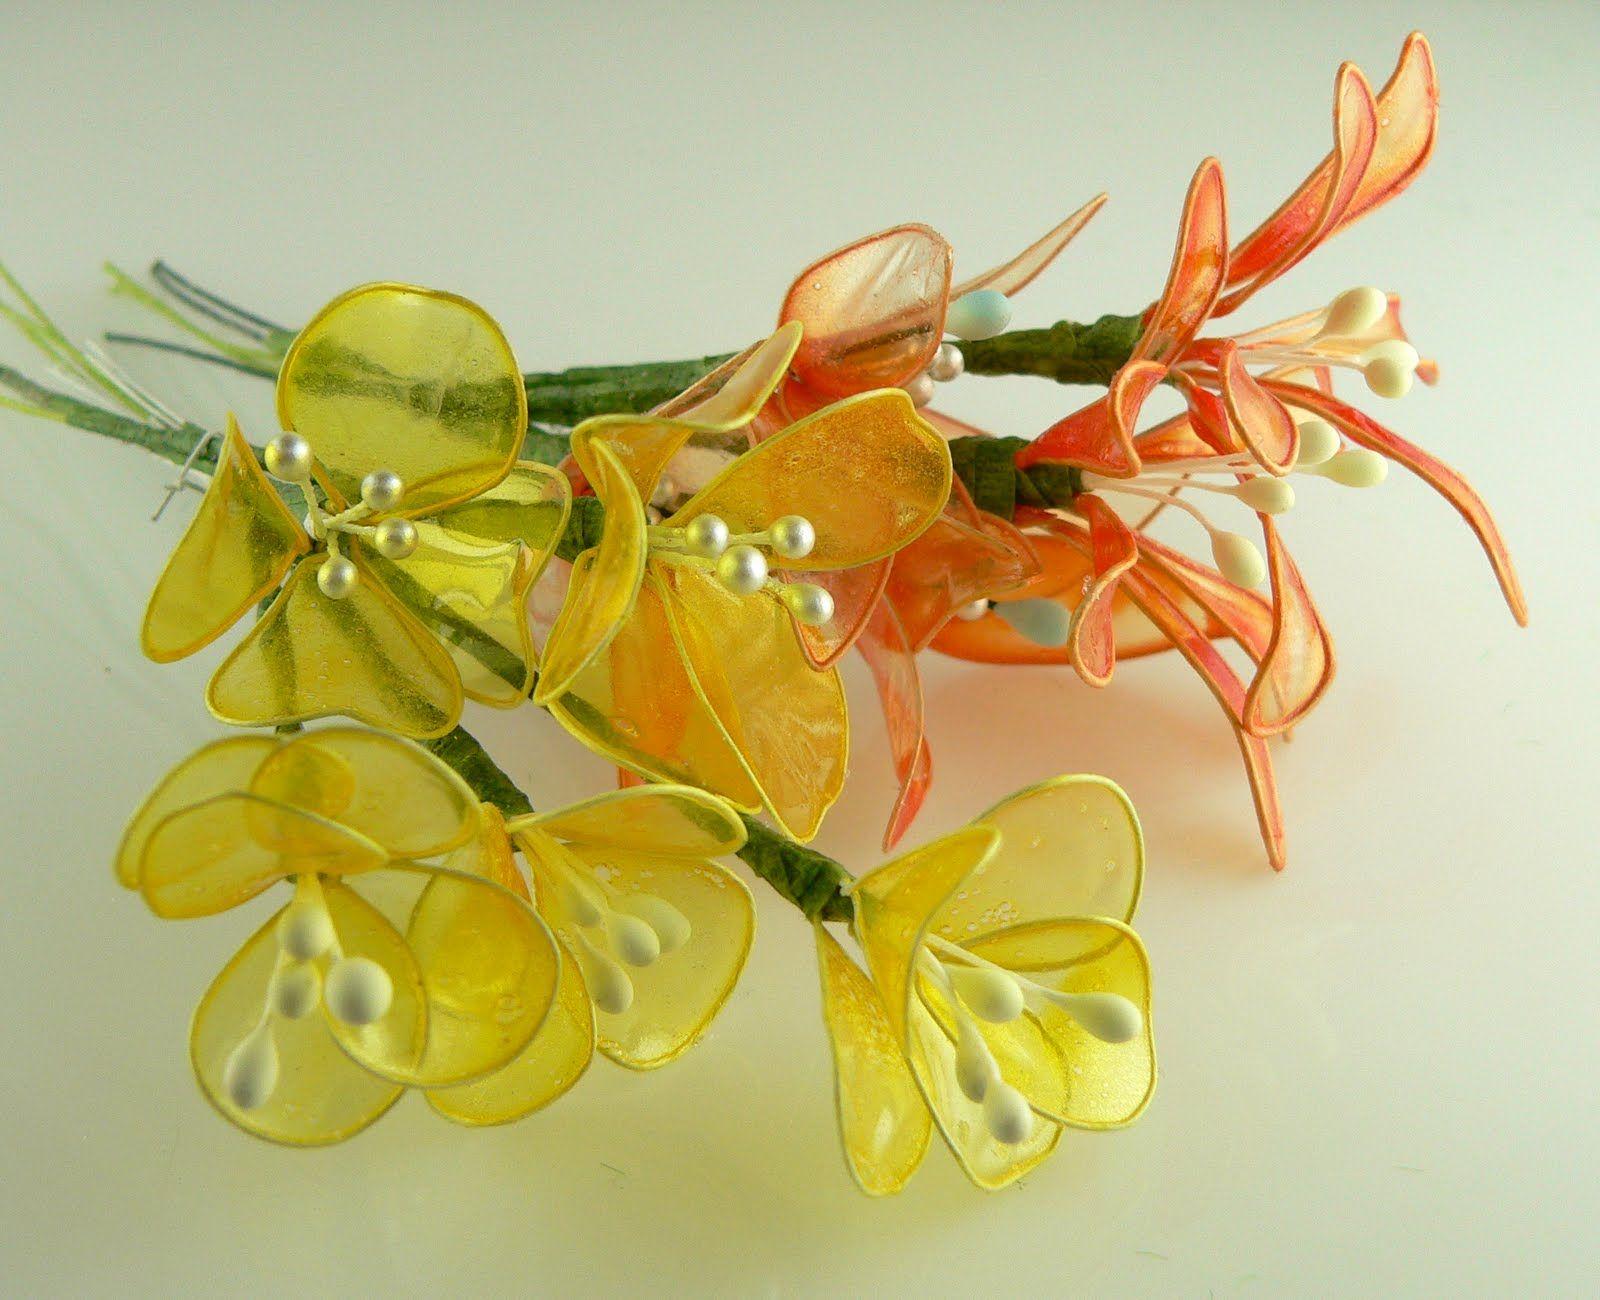 Gelatin flowers bloemen maken van ijzerdraad met